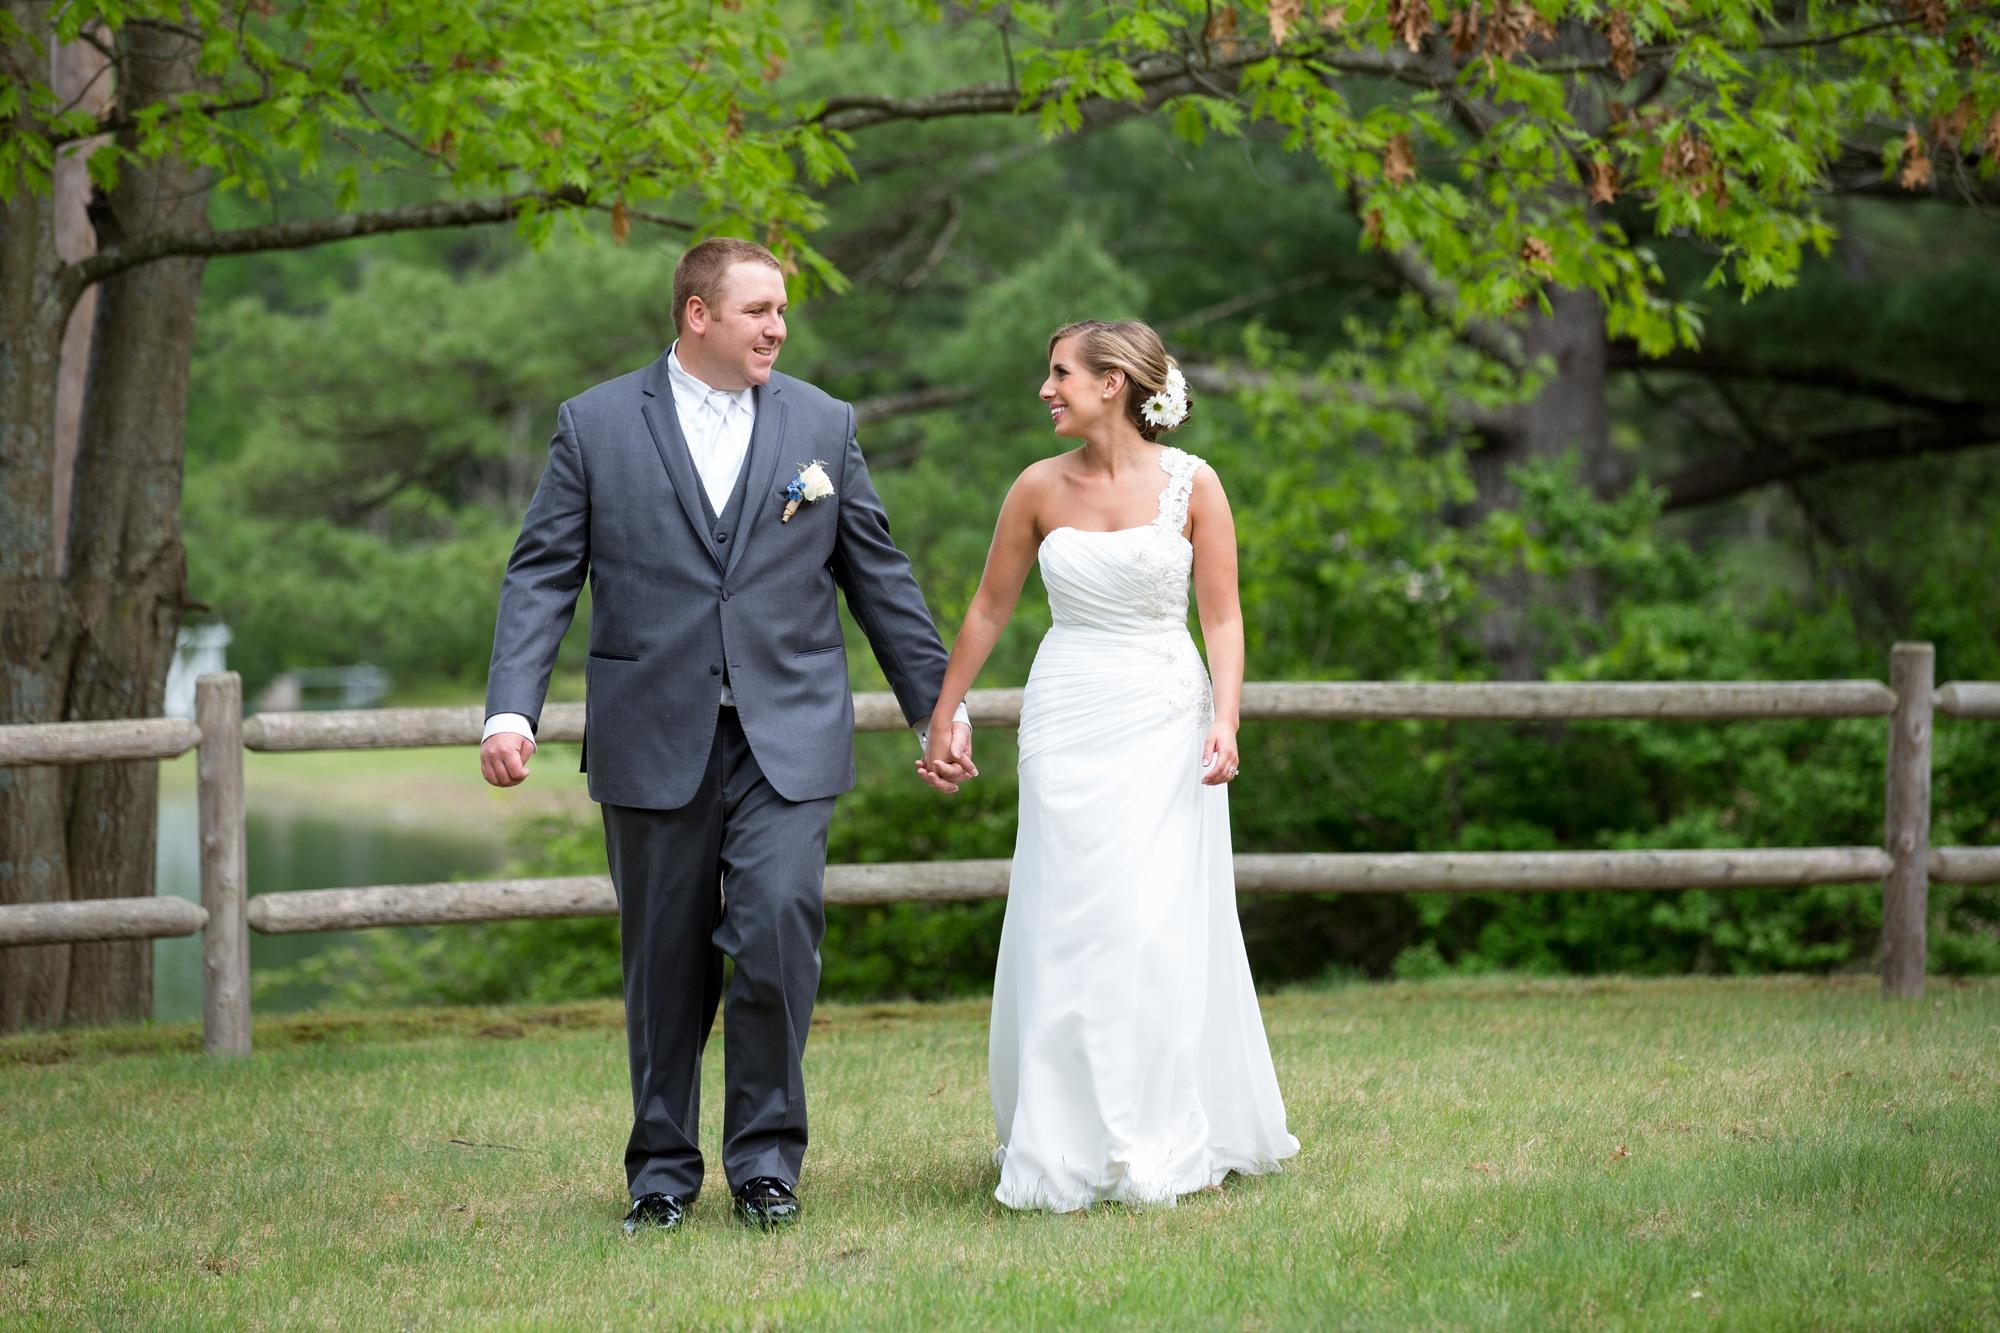 Albany NY Wedding Photographer Justin Tibbitts Photography 2014 Best of Albany NY Weddings-4901924